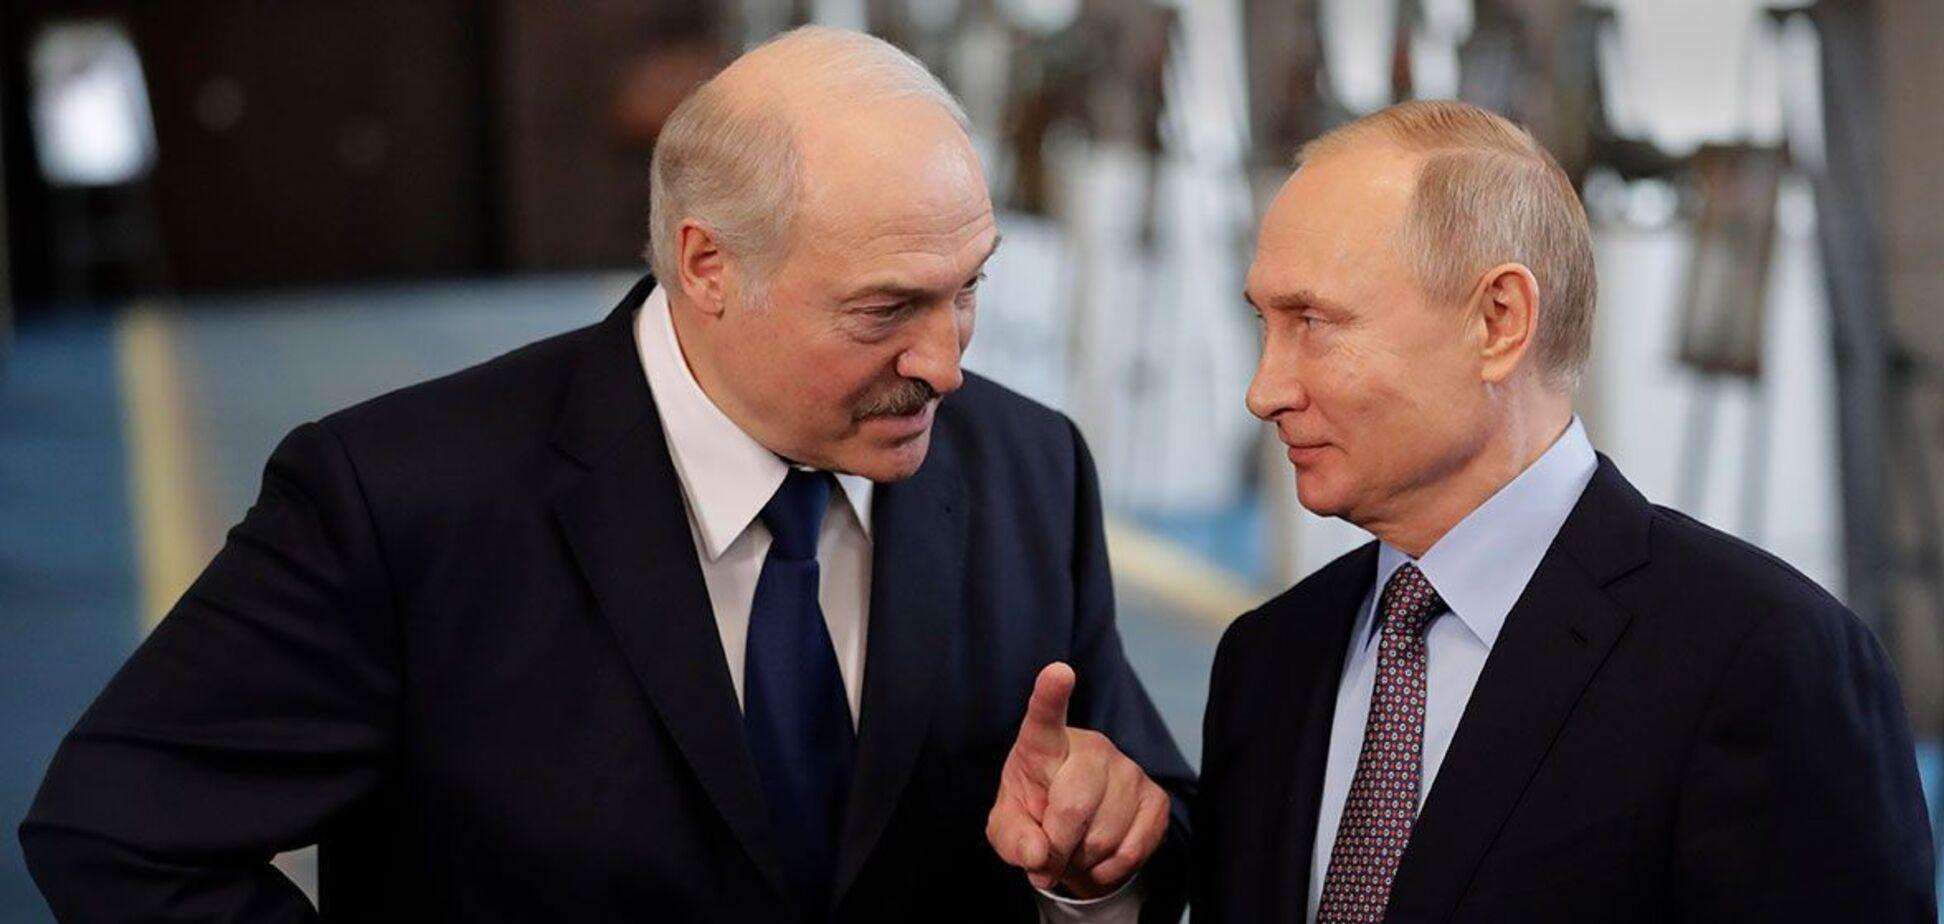 Білорусь погодились віддати Росії. Тепер все залежить від народу